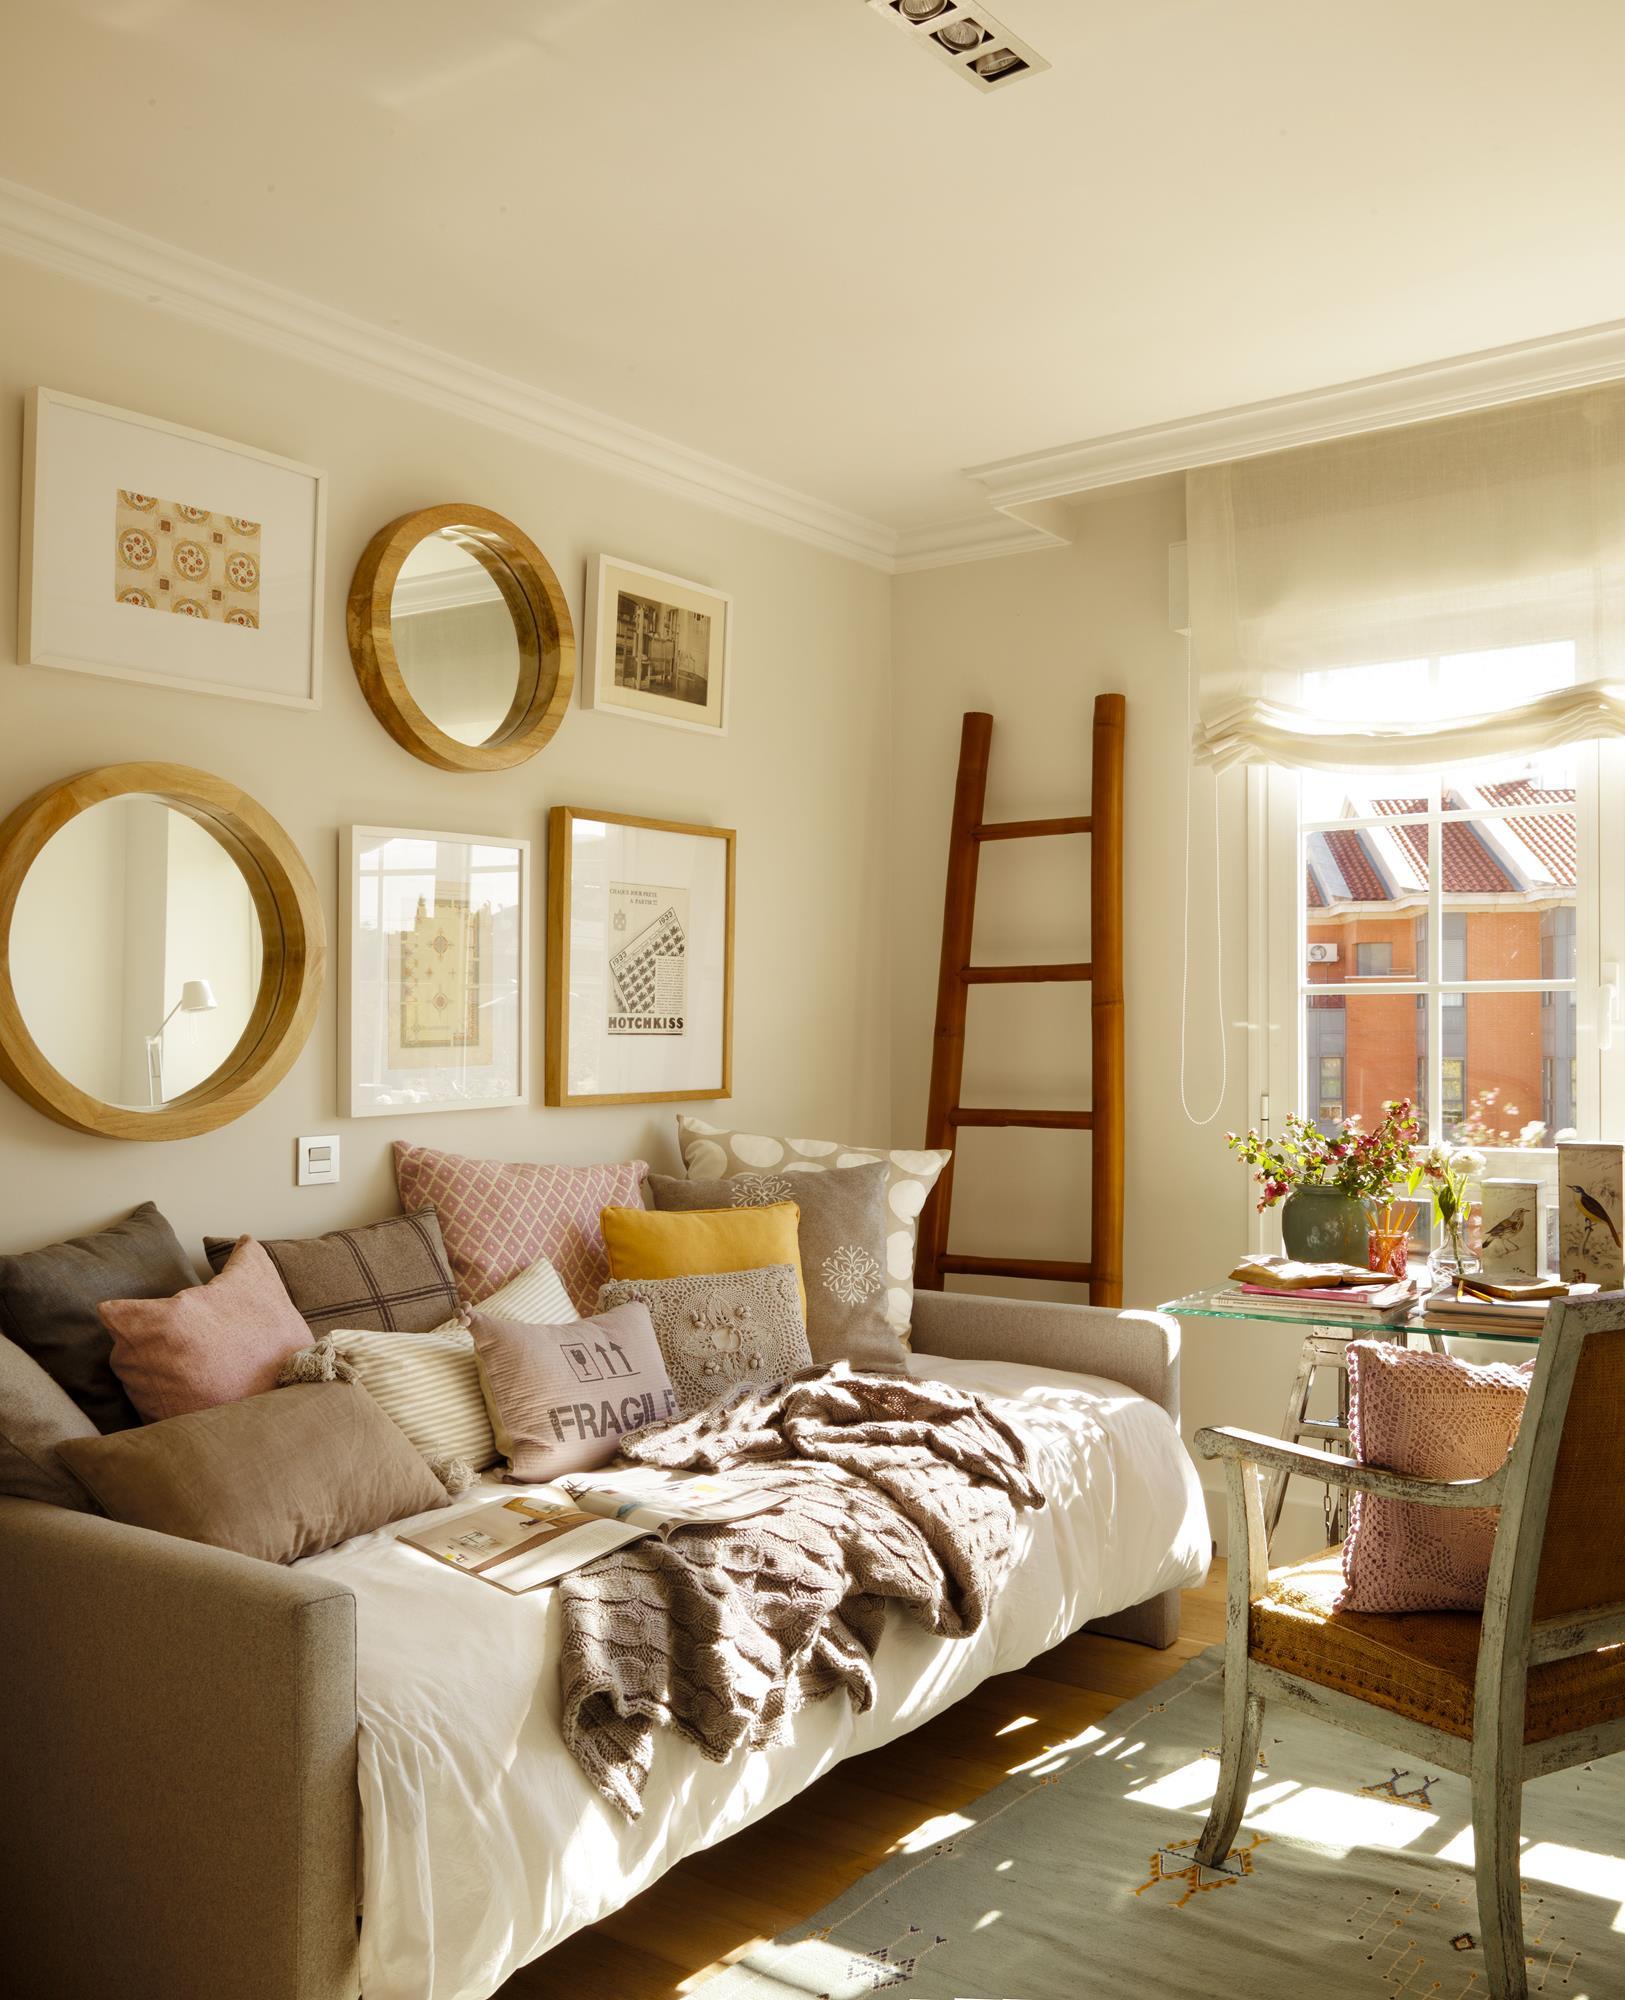 00355551 O (Copy). sofa cama con cojines, espejos, escritorio y escalera